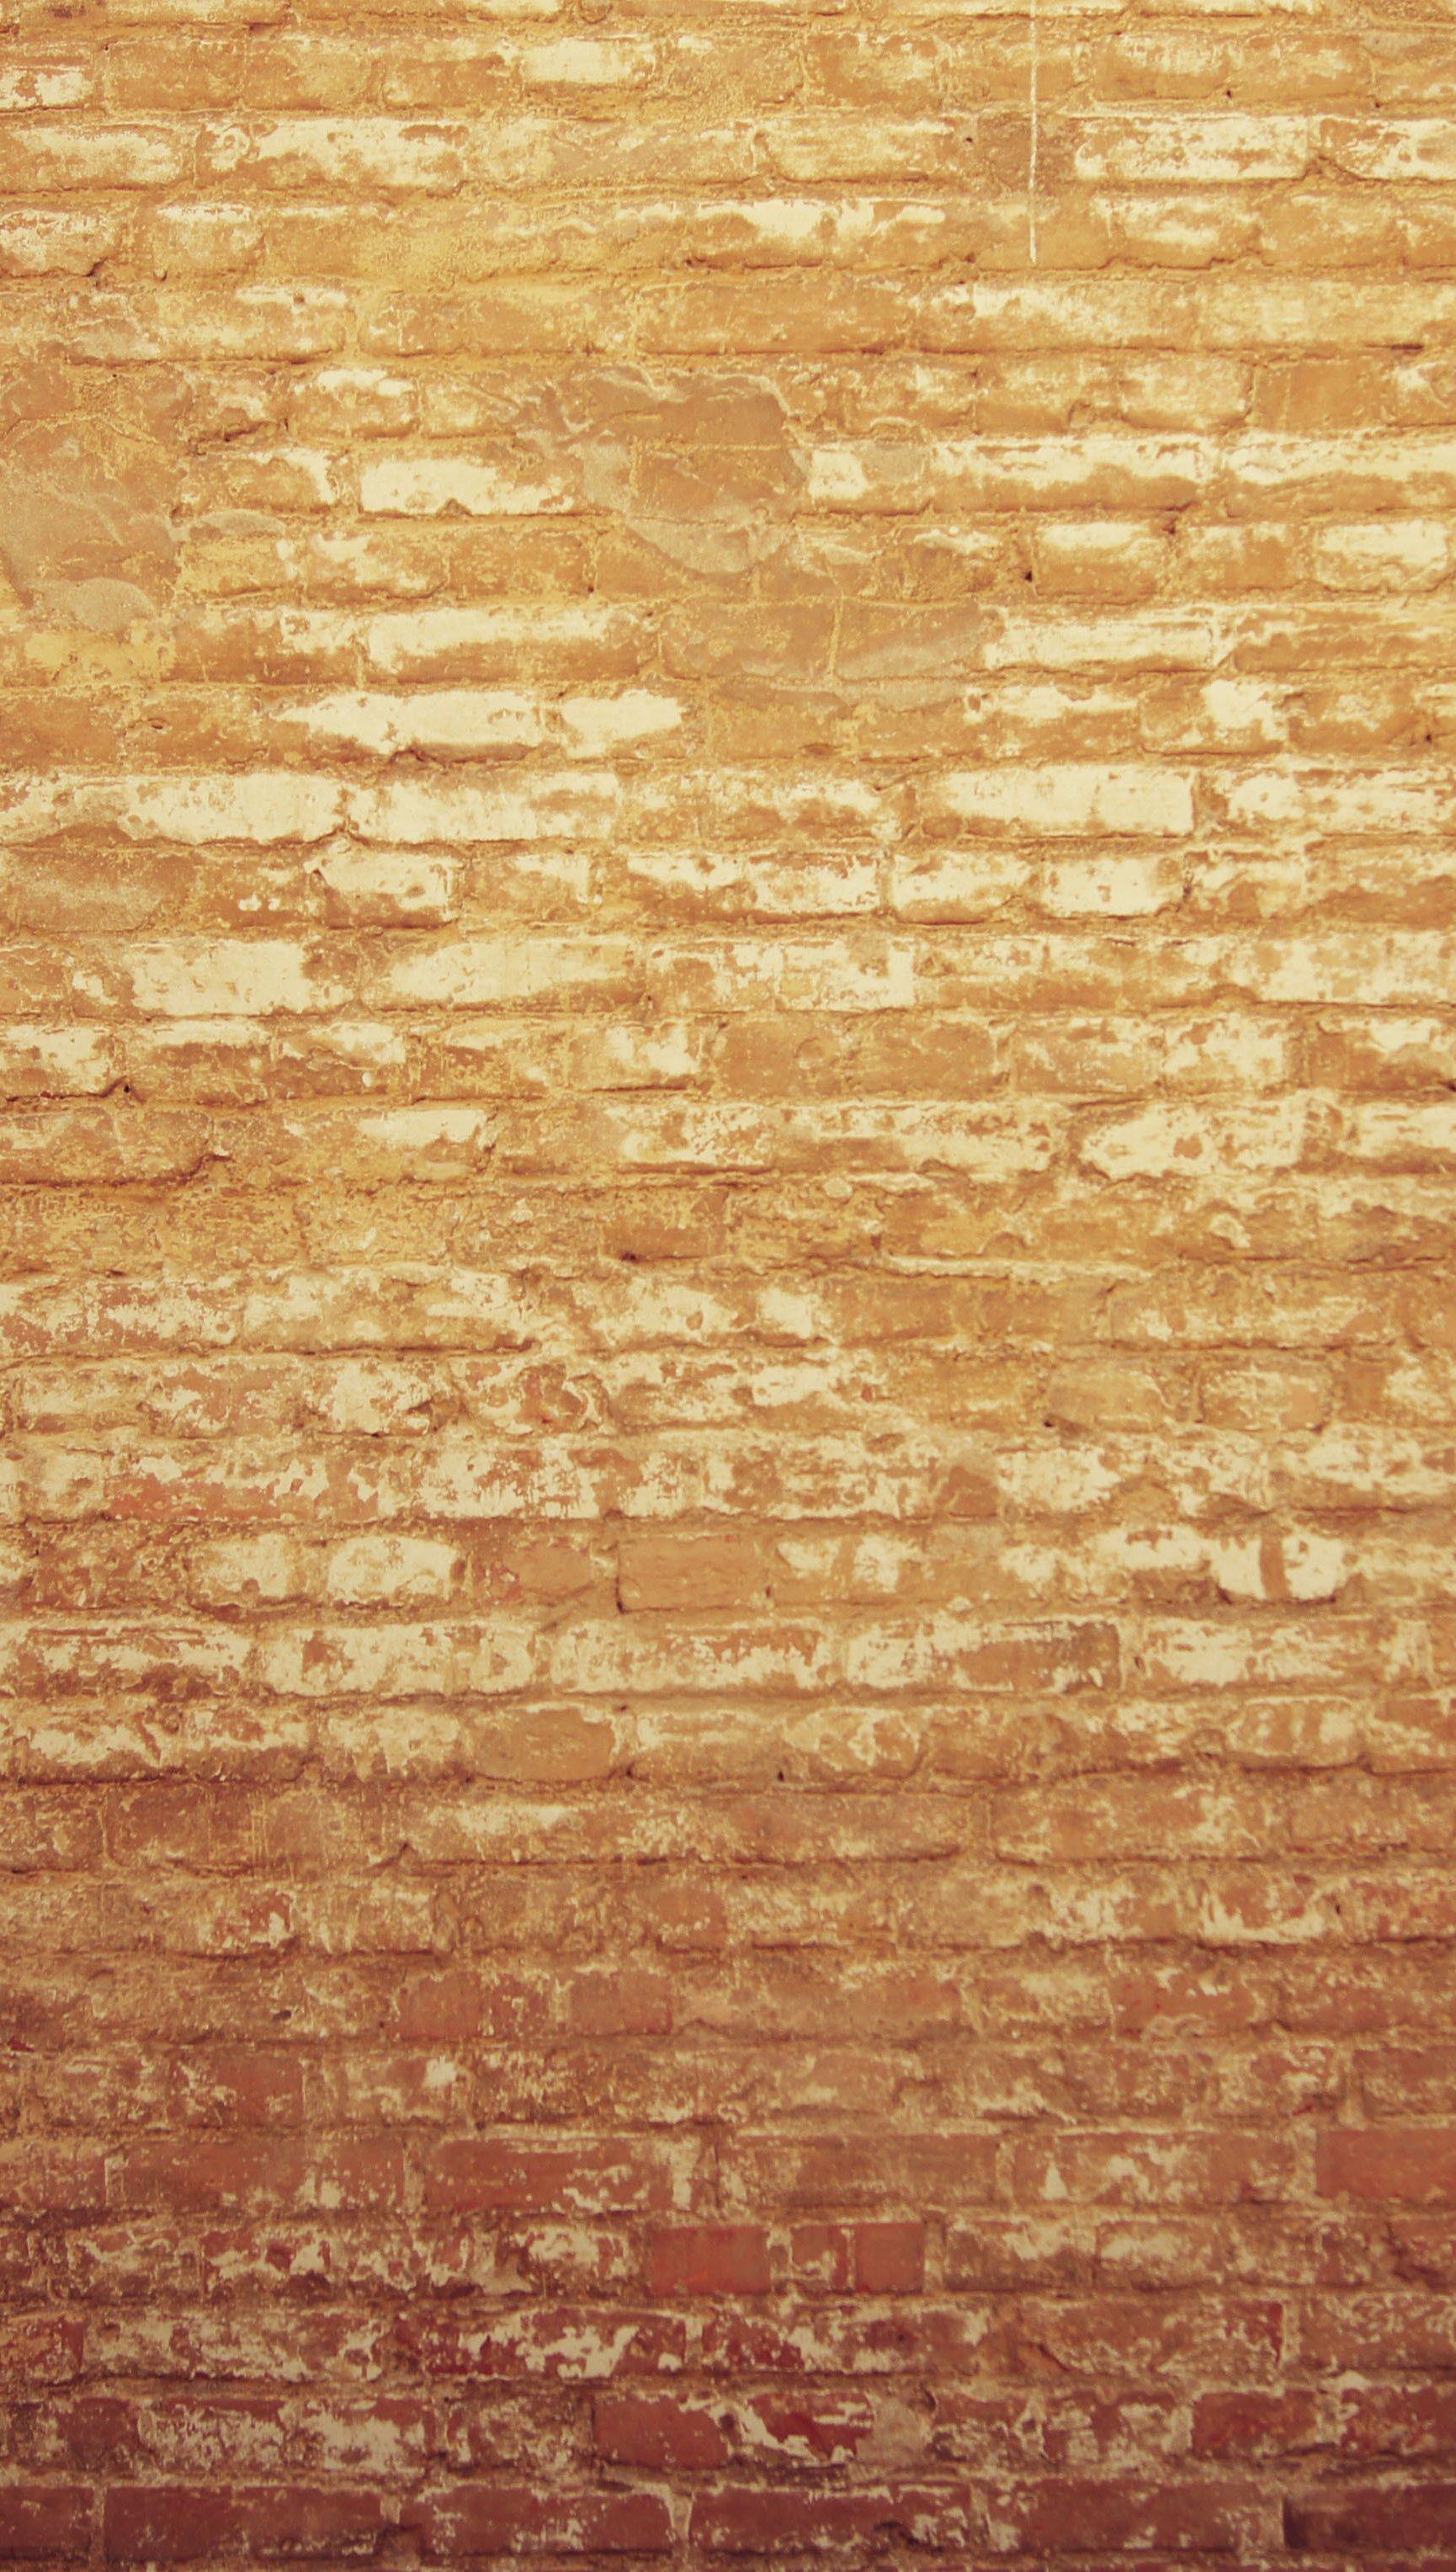 Wallpaper Texture Brick wall Vertical